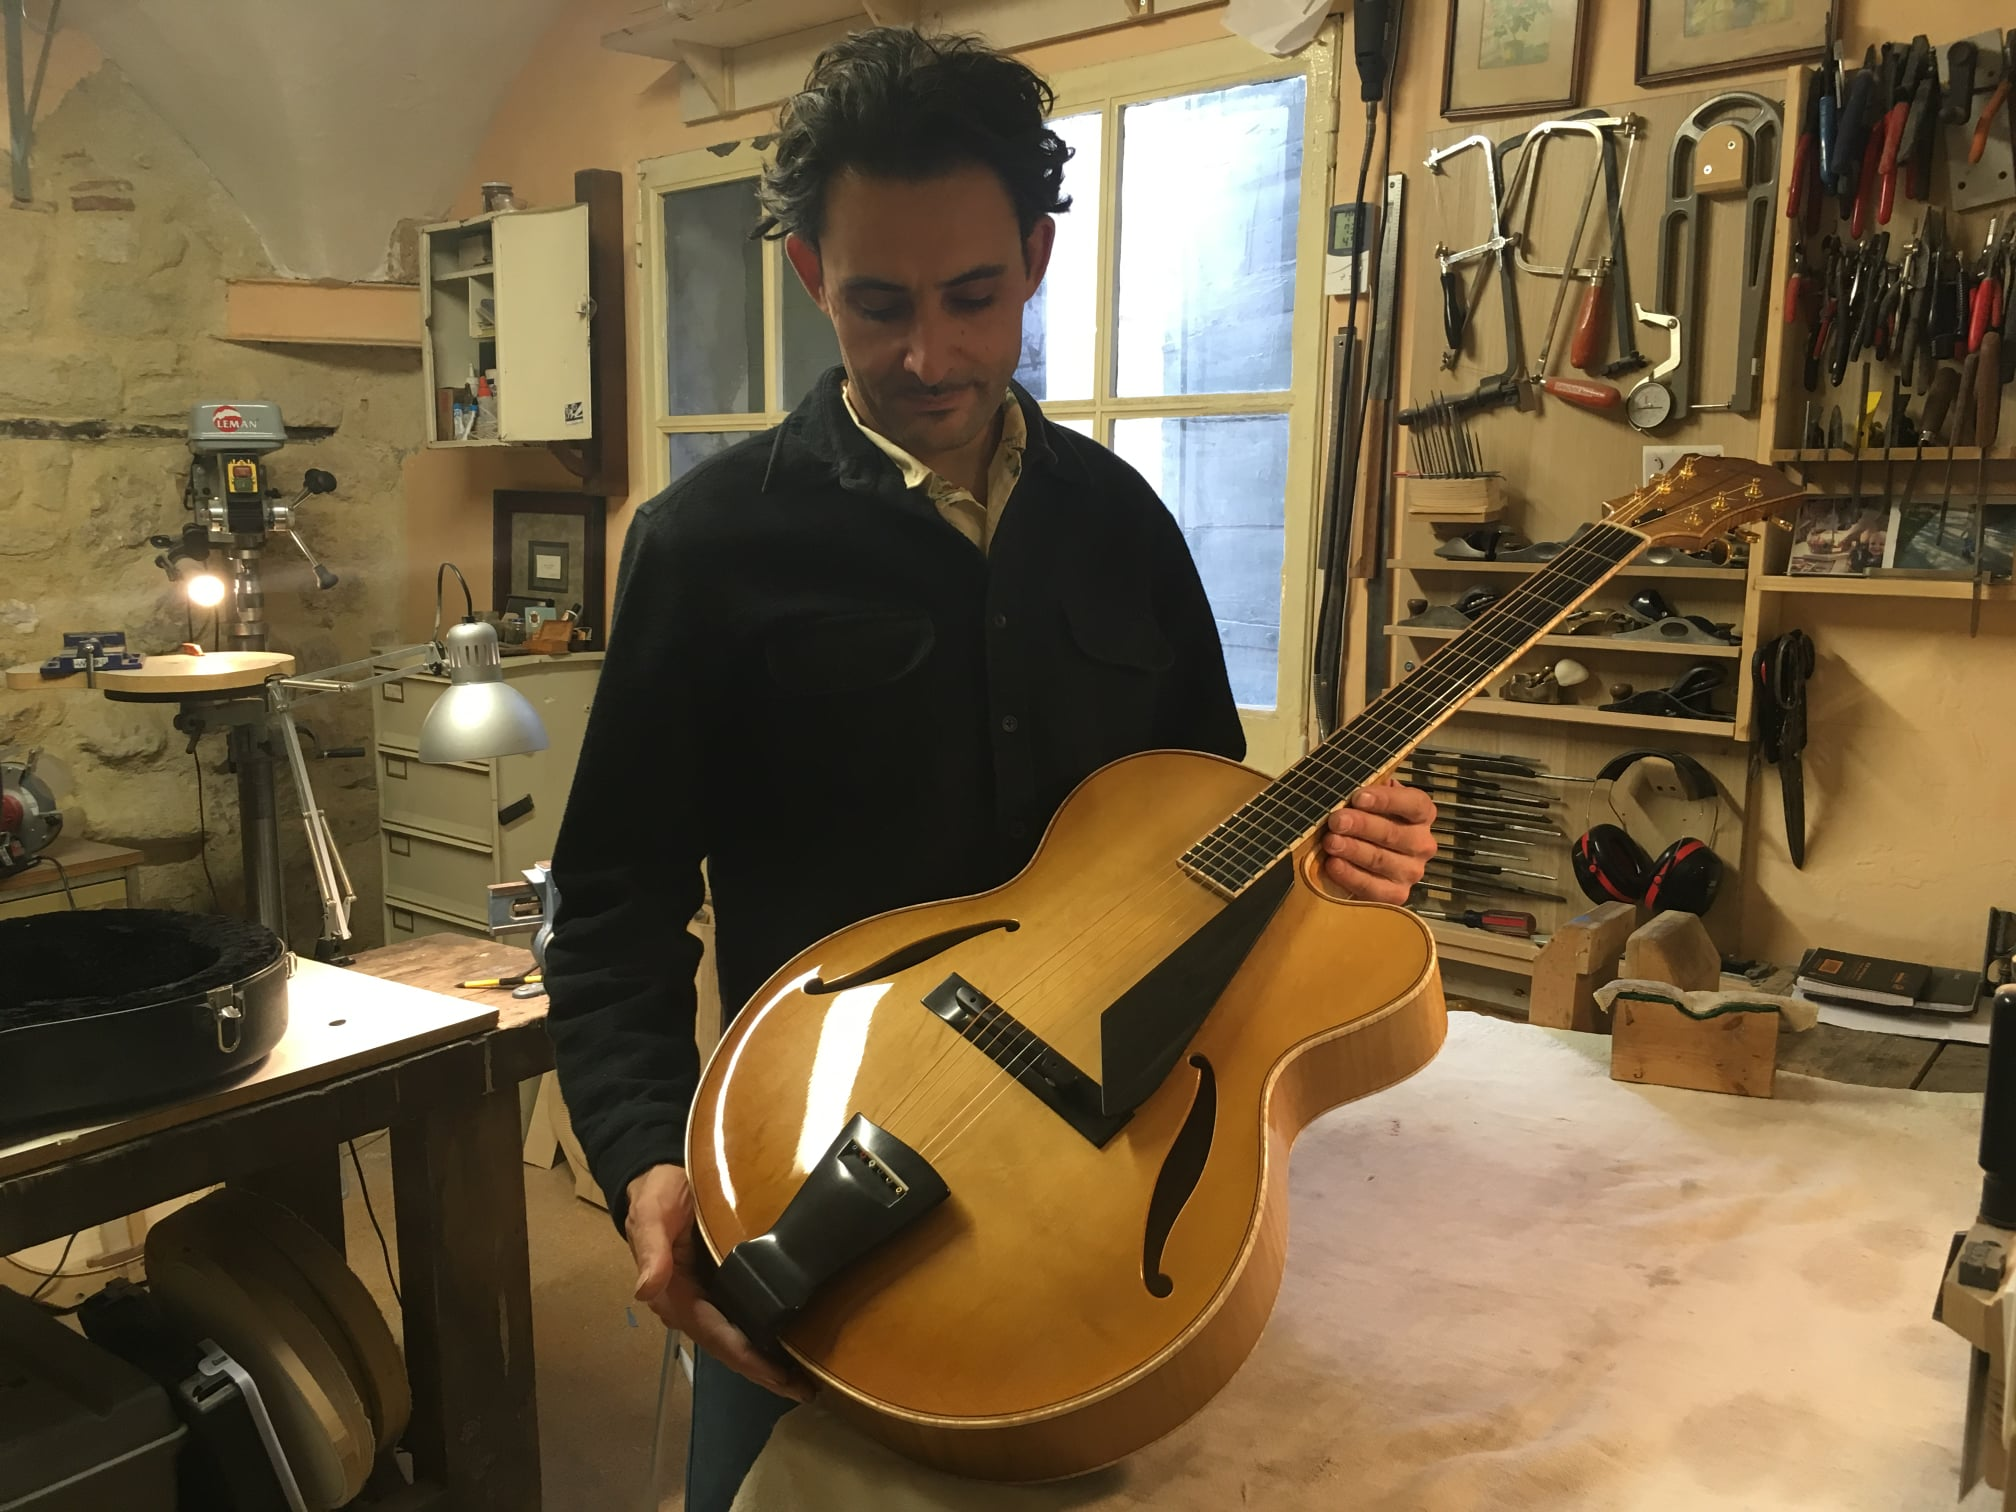 Trenier guitars-193913141_4332758970122292_3583419408571262519_n-jpg